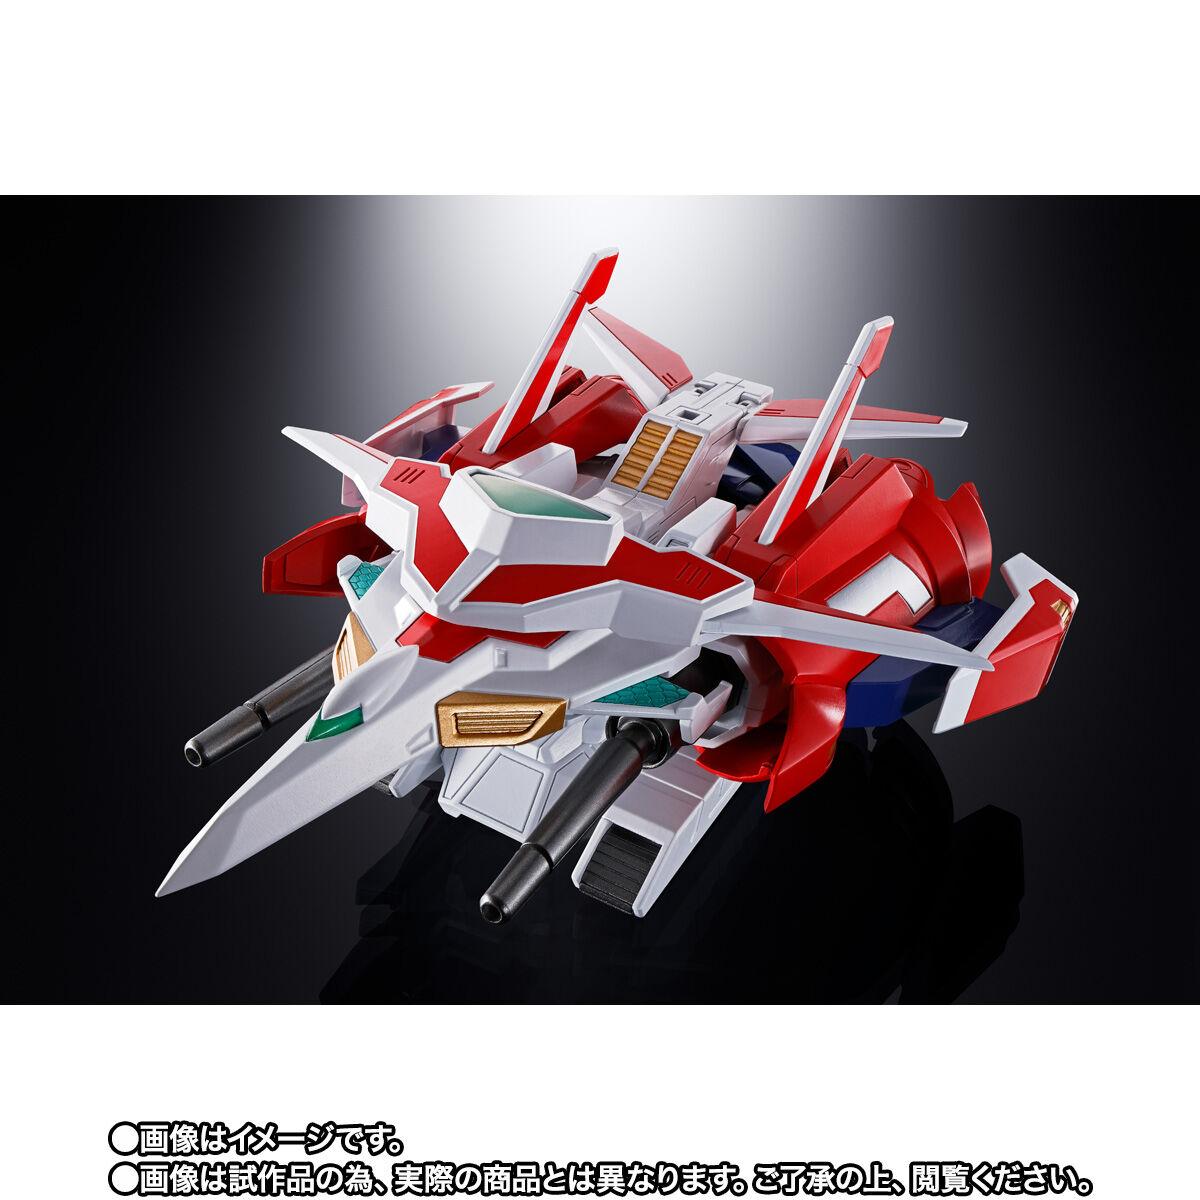 【限定販売】超合金魂『GX-96X Gアームライザー』ゲッターロボ號 可動フィギュア-002